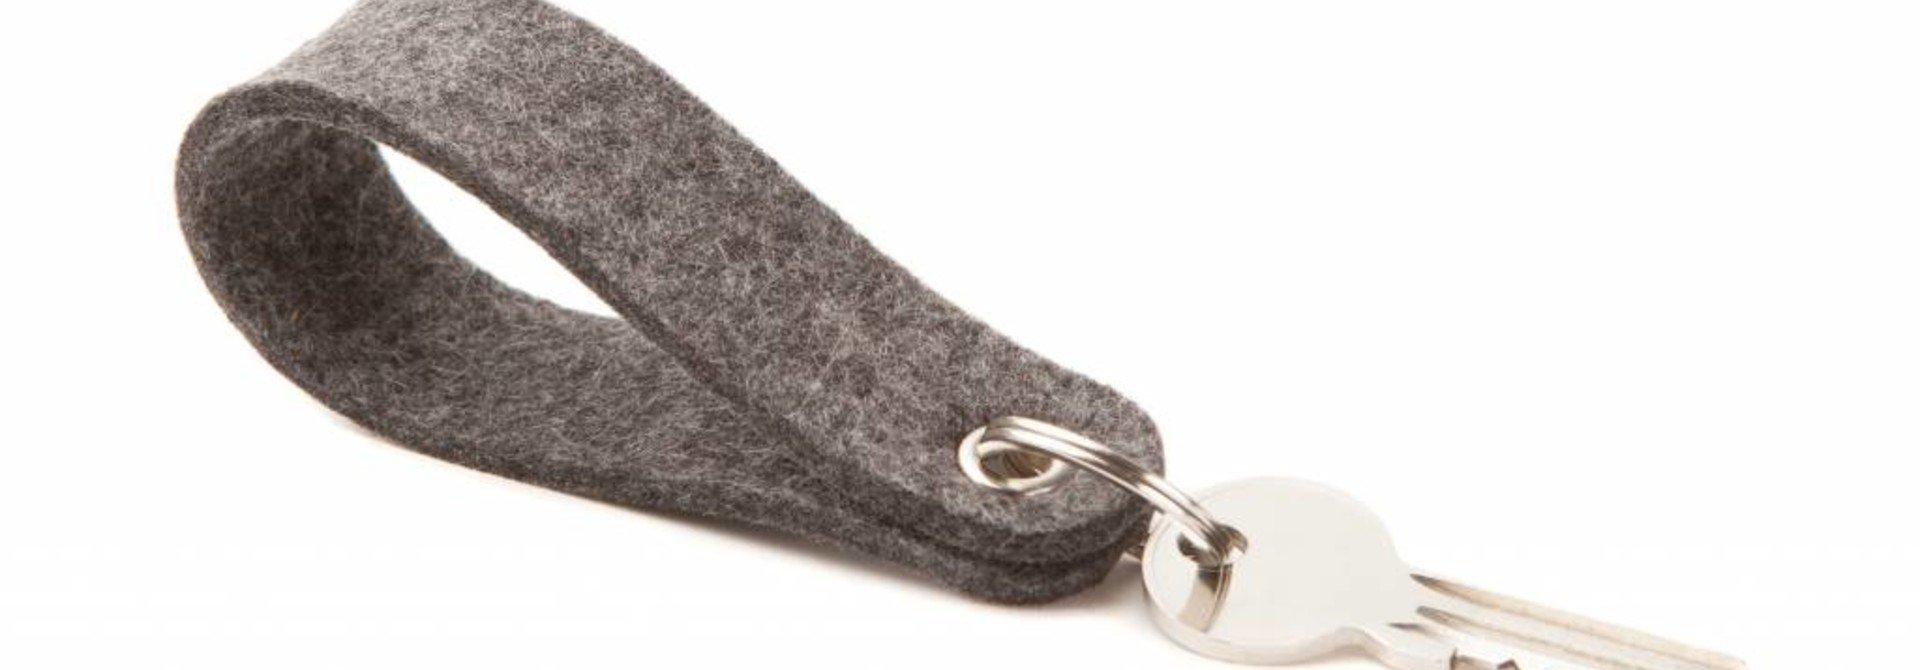 Schlüsselanhänger Grey round